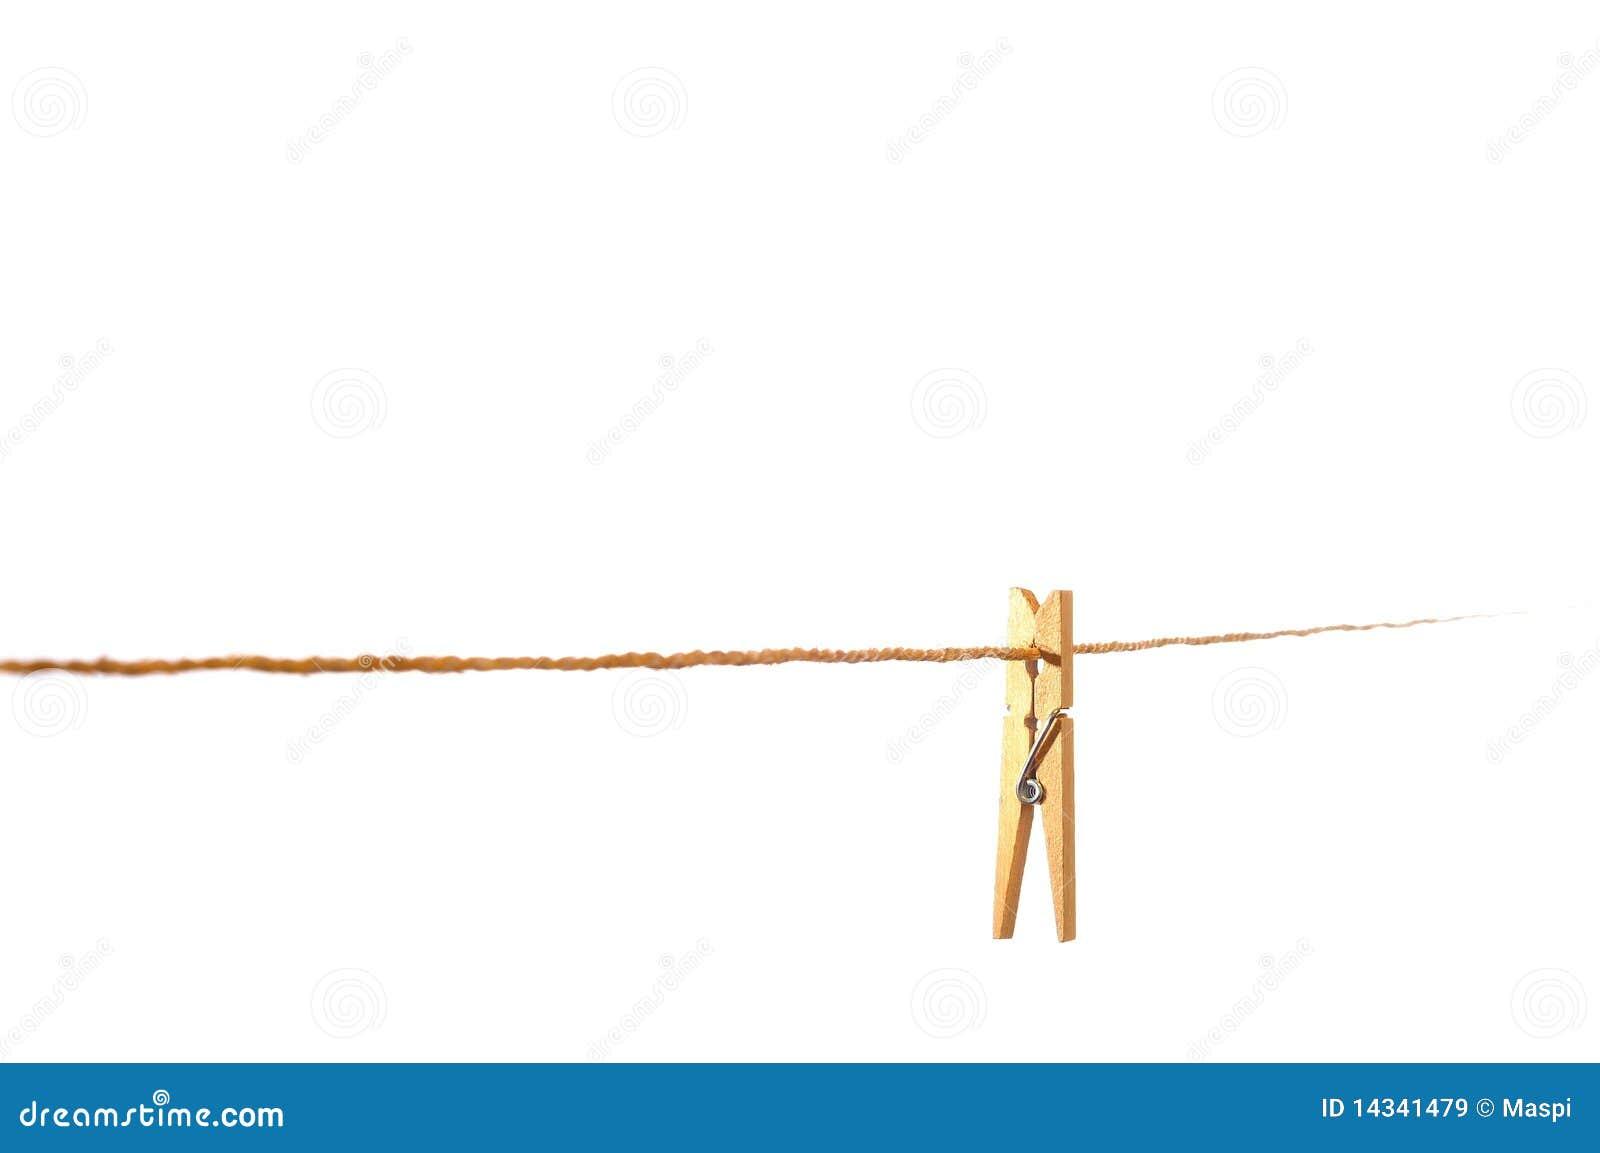 Pince à Linge En Bois Sur Une Corde à Linge Images libres de droits